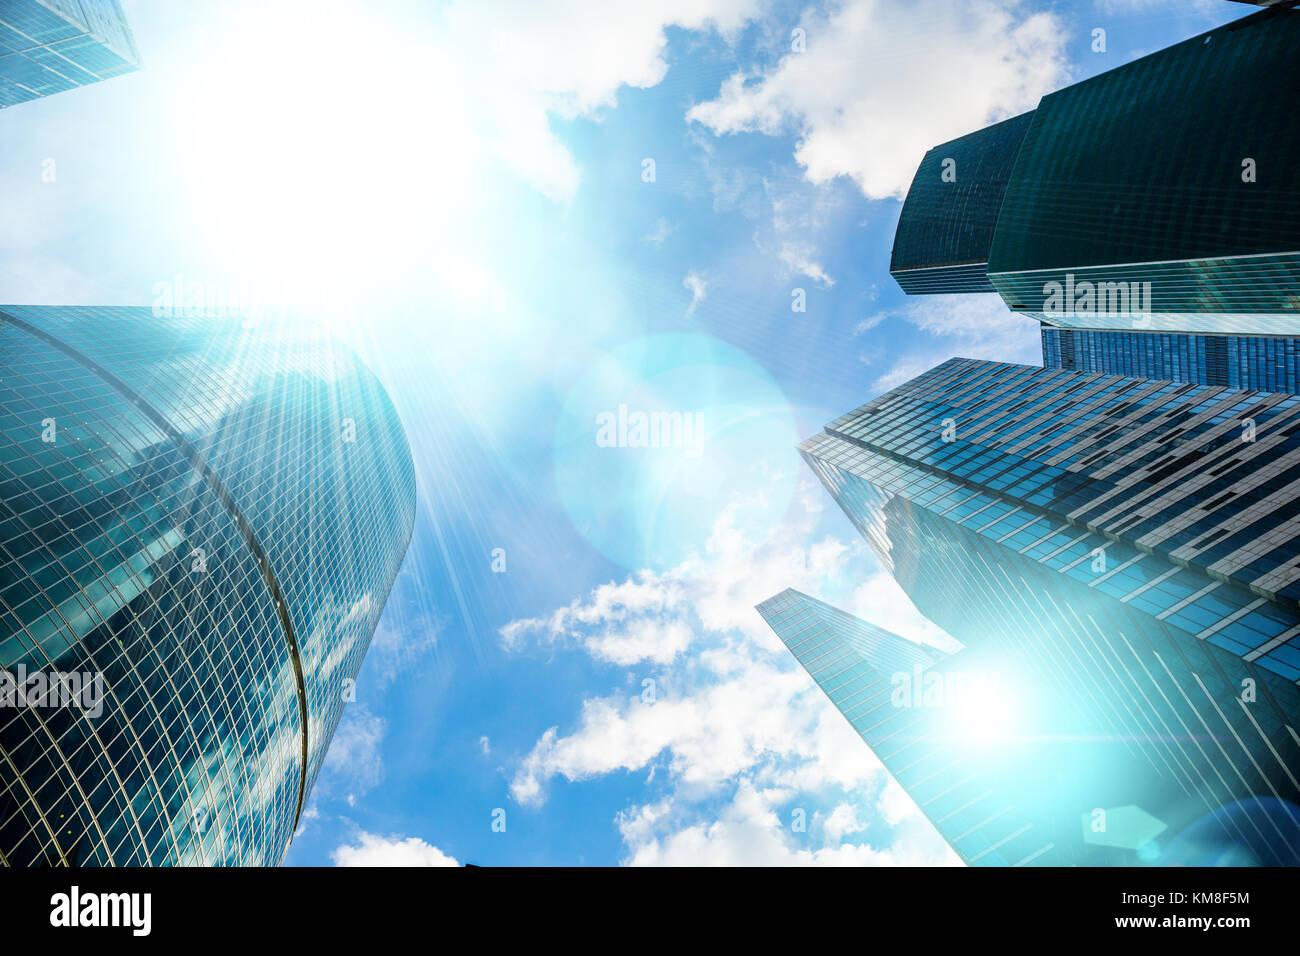 cityscape sunbeam building skyscraper stock photos cityscape